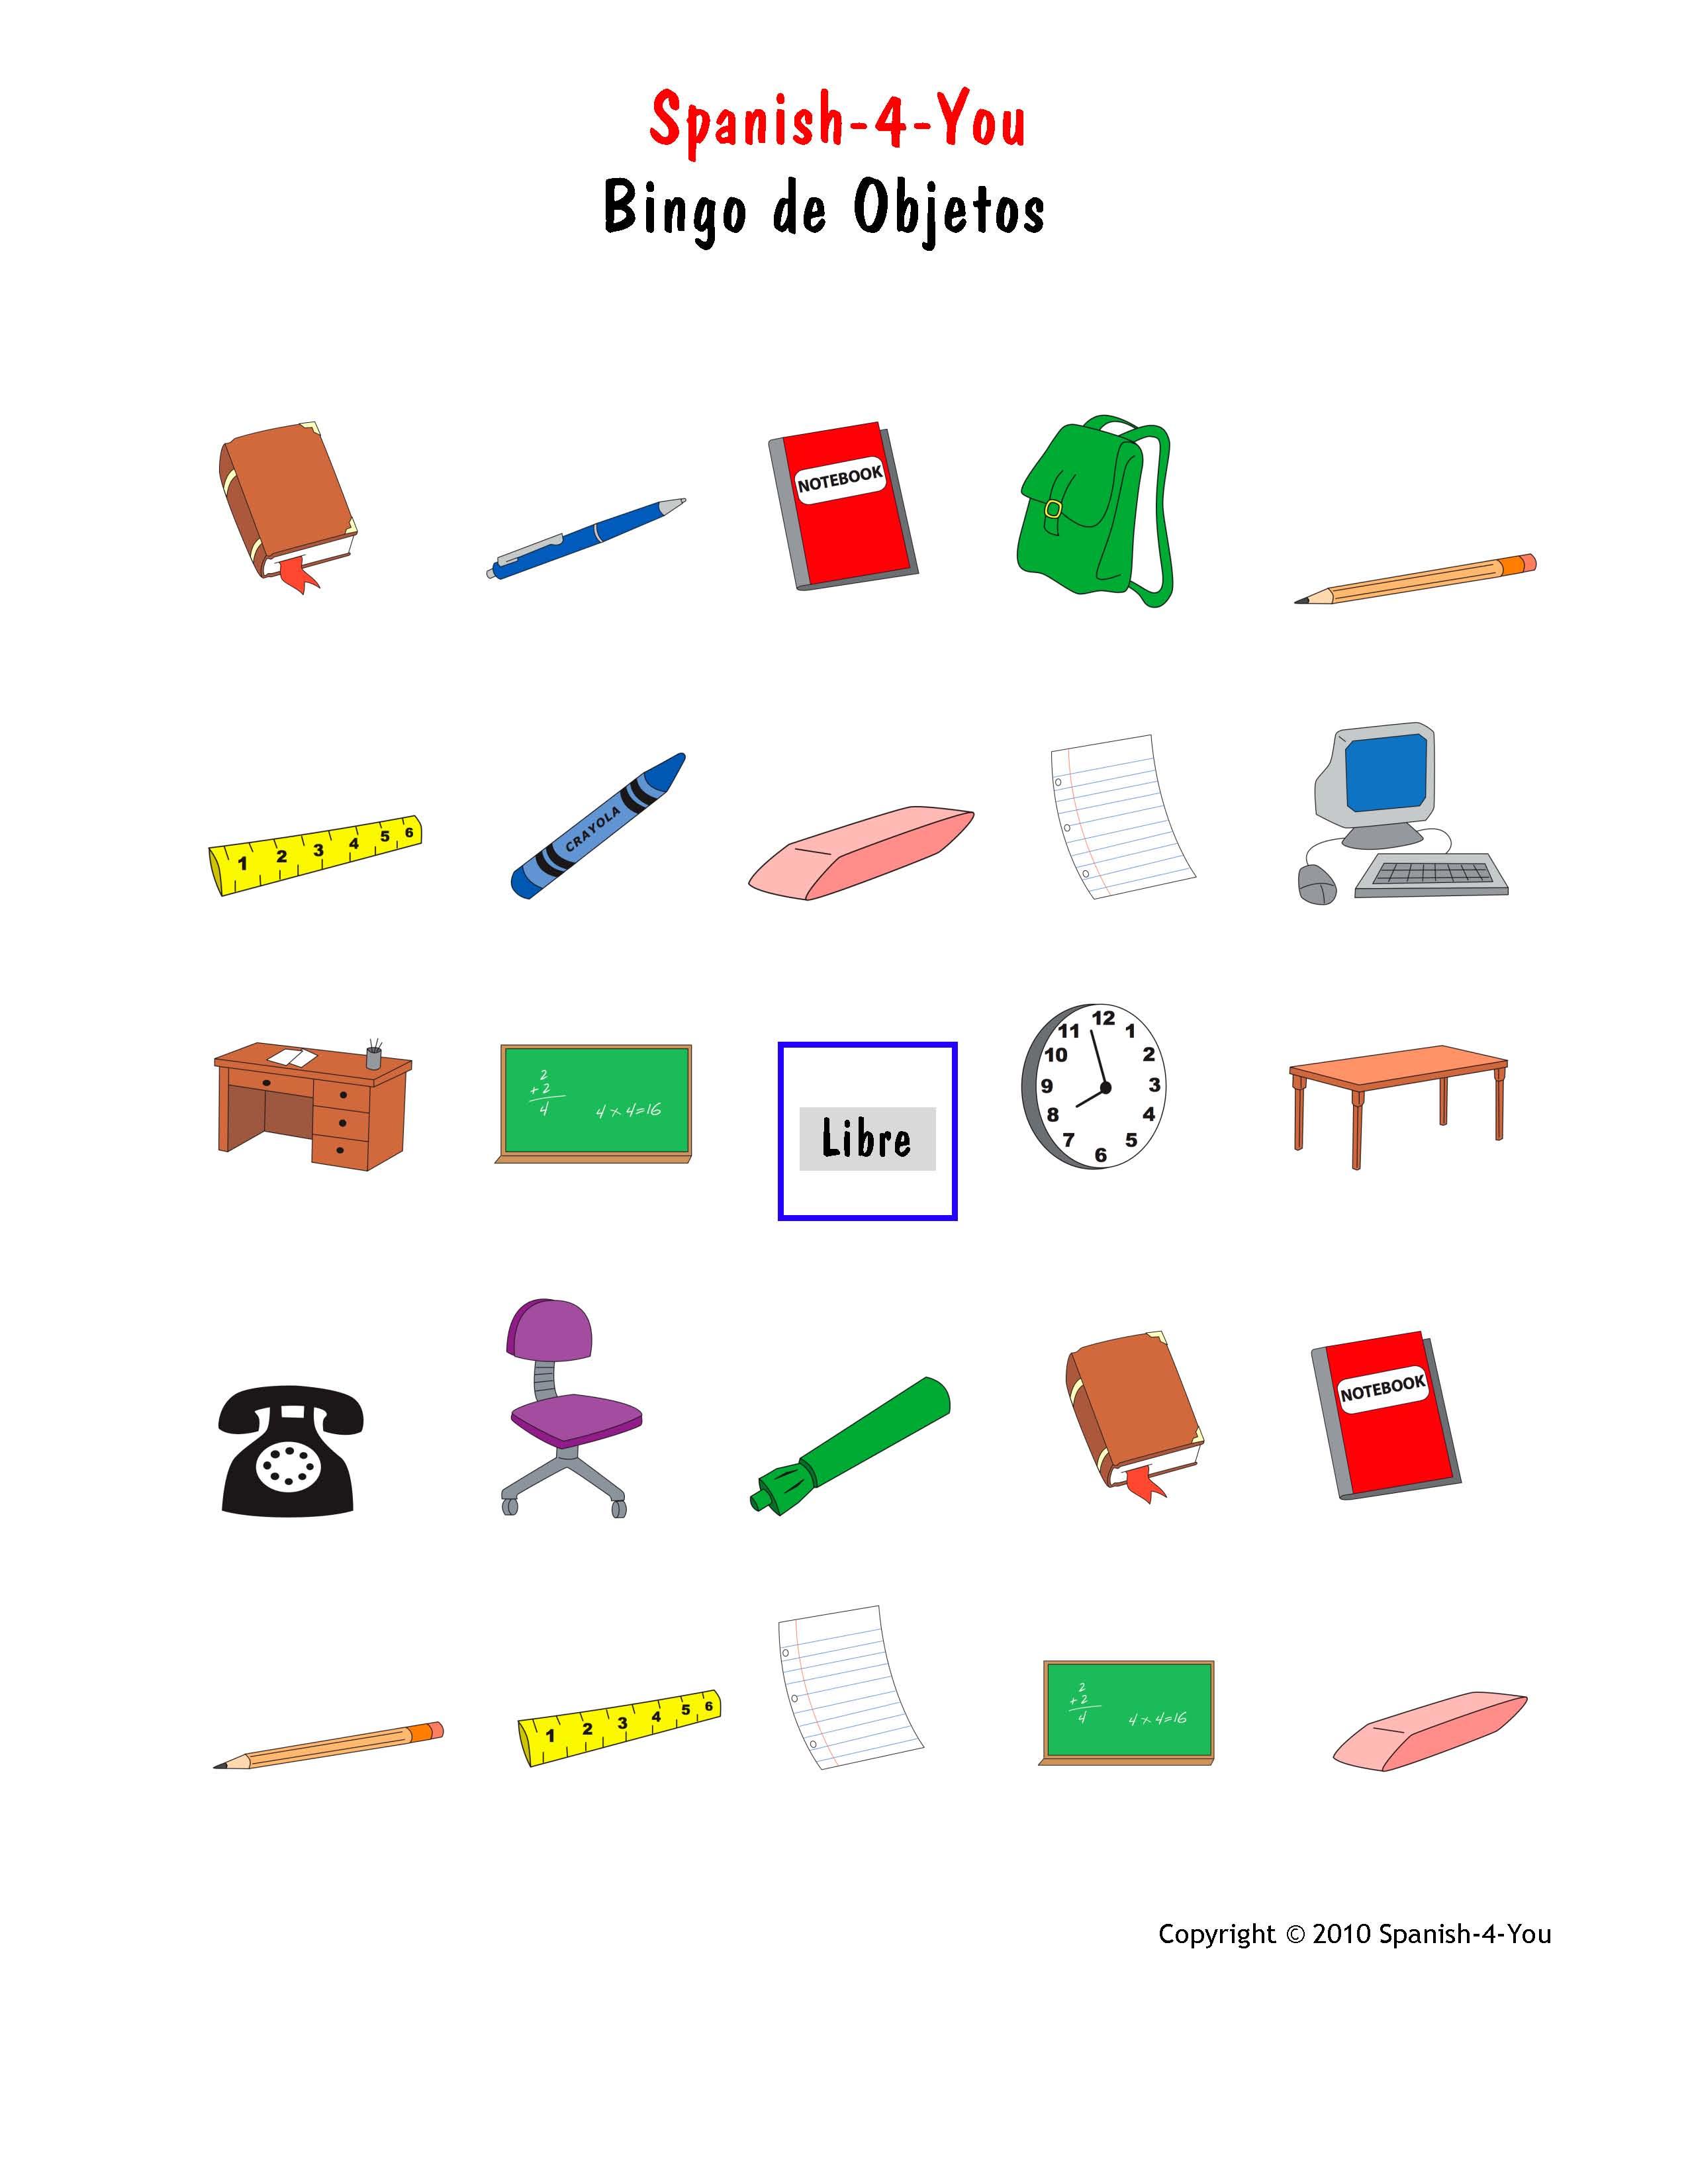 Spanish 4 You Blog: The power of Bingo in Spanish classes